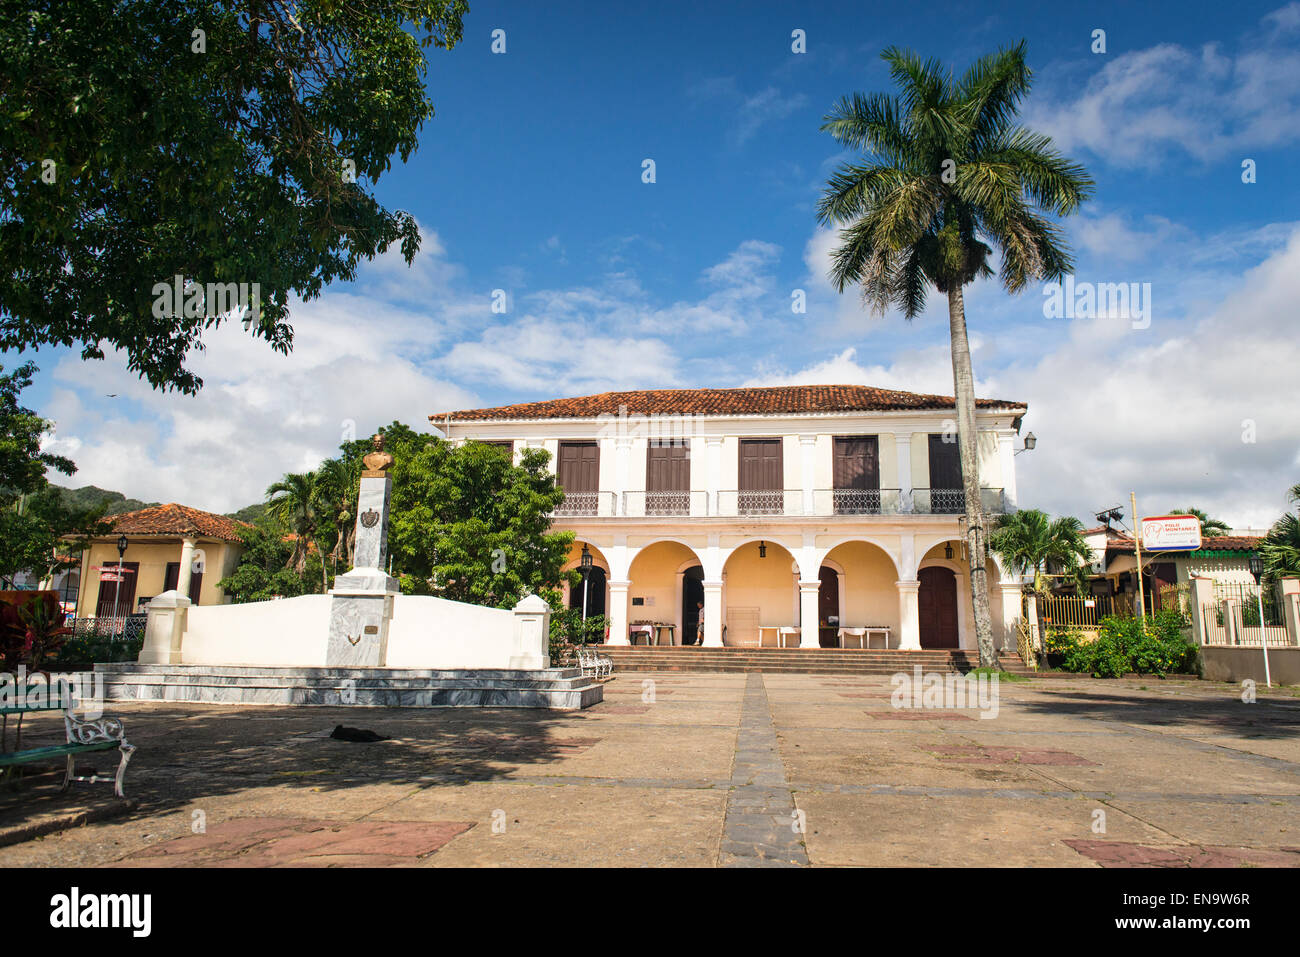 Cuba Vinales centro città centro Parque Marti una volta Colonia Espanola ora Casa de la Cultura exhibition Immagini Stock